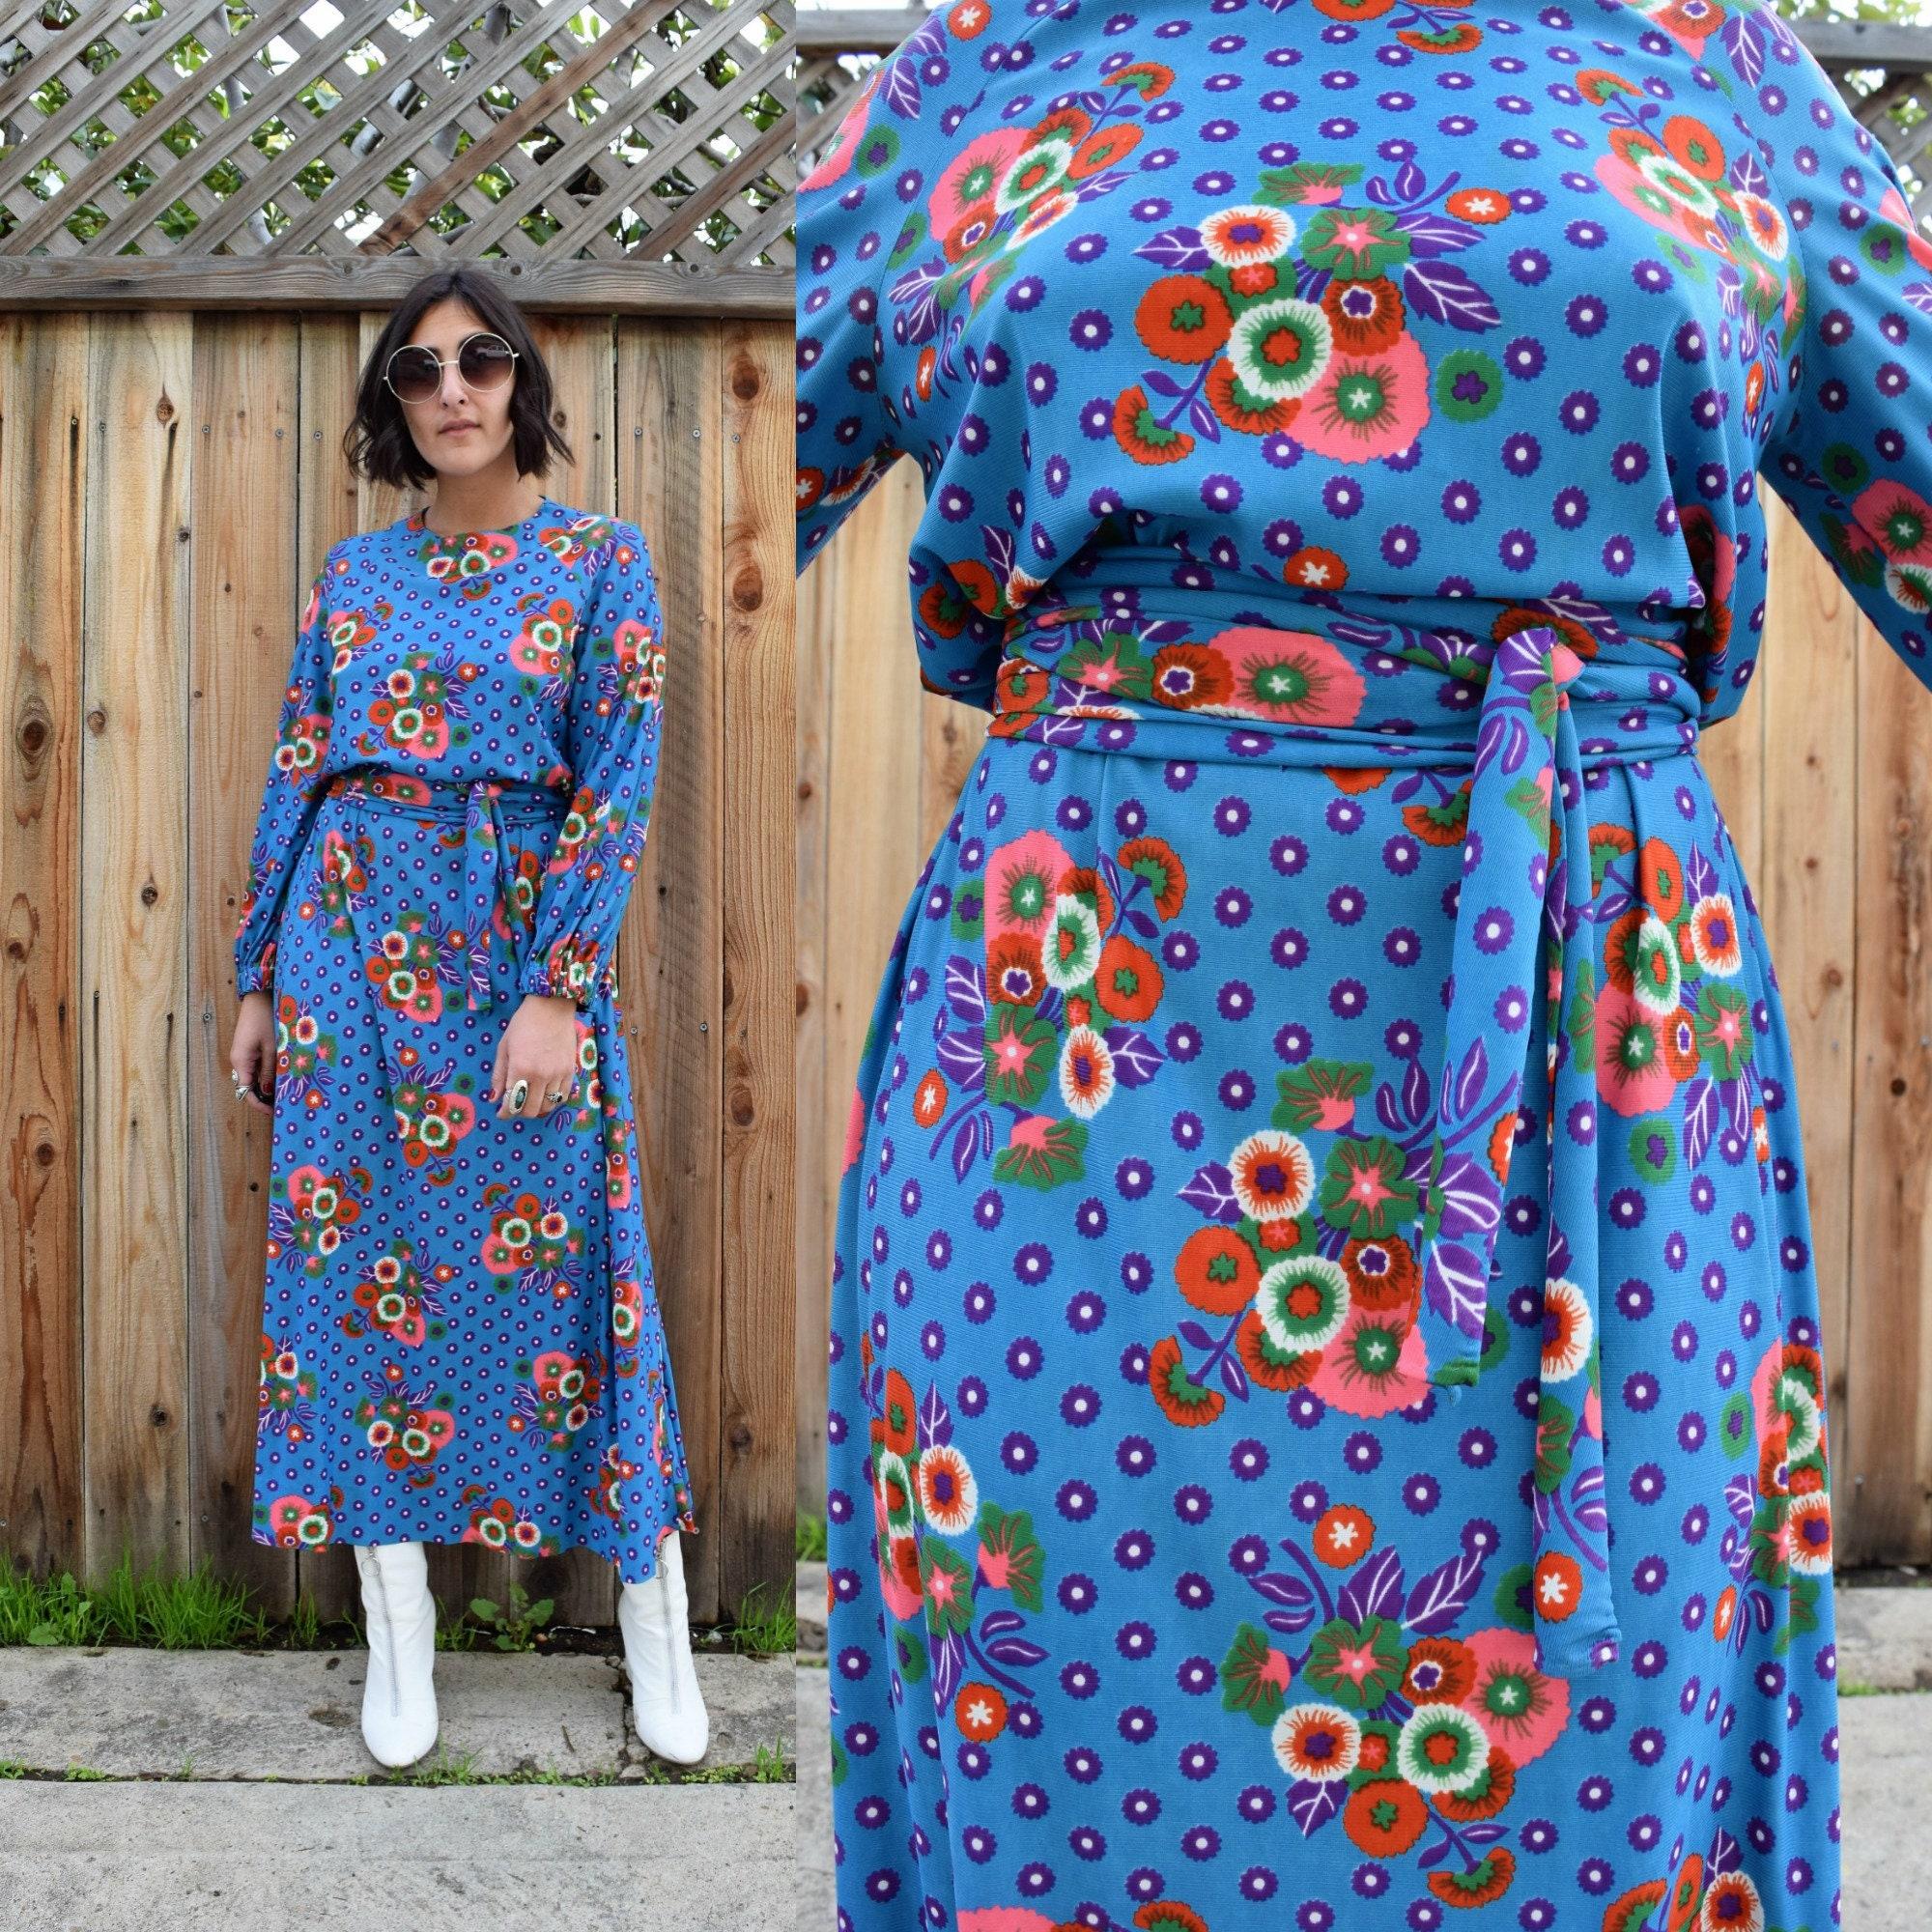 839730595c316 Beautiful Floral Print Maxi Dress - raveitsafe